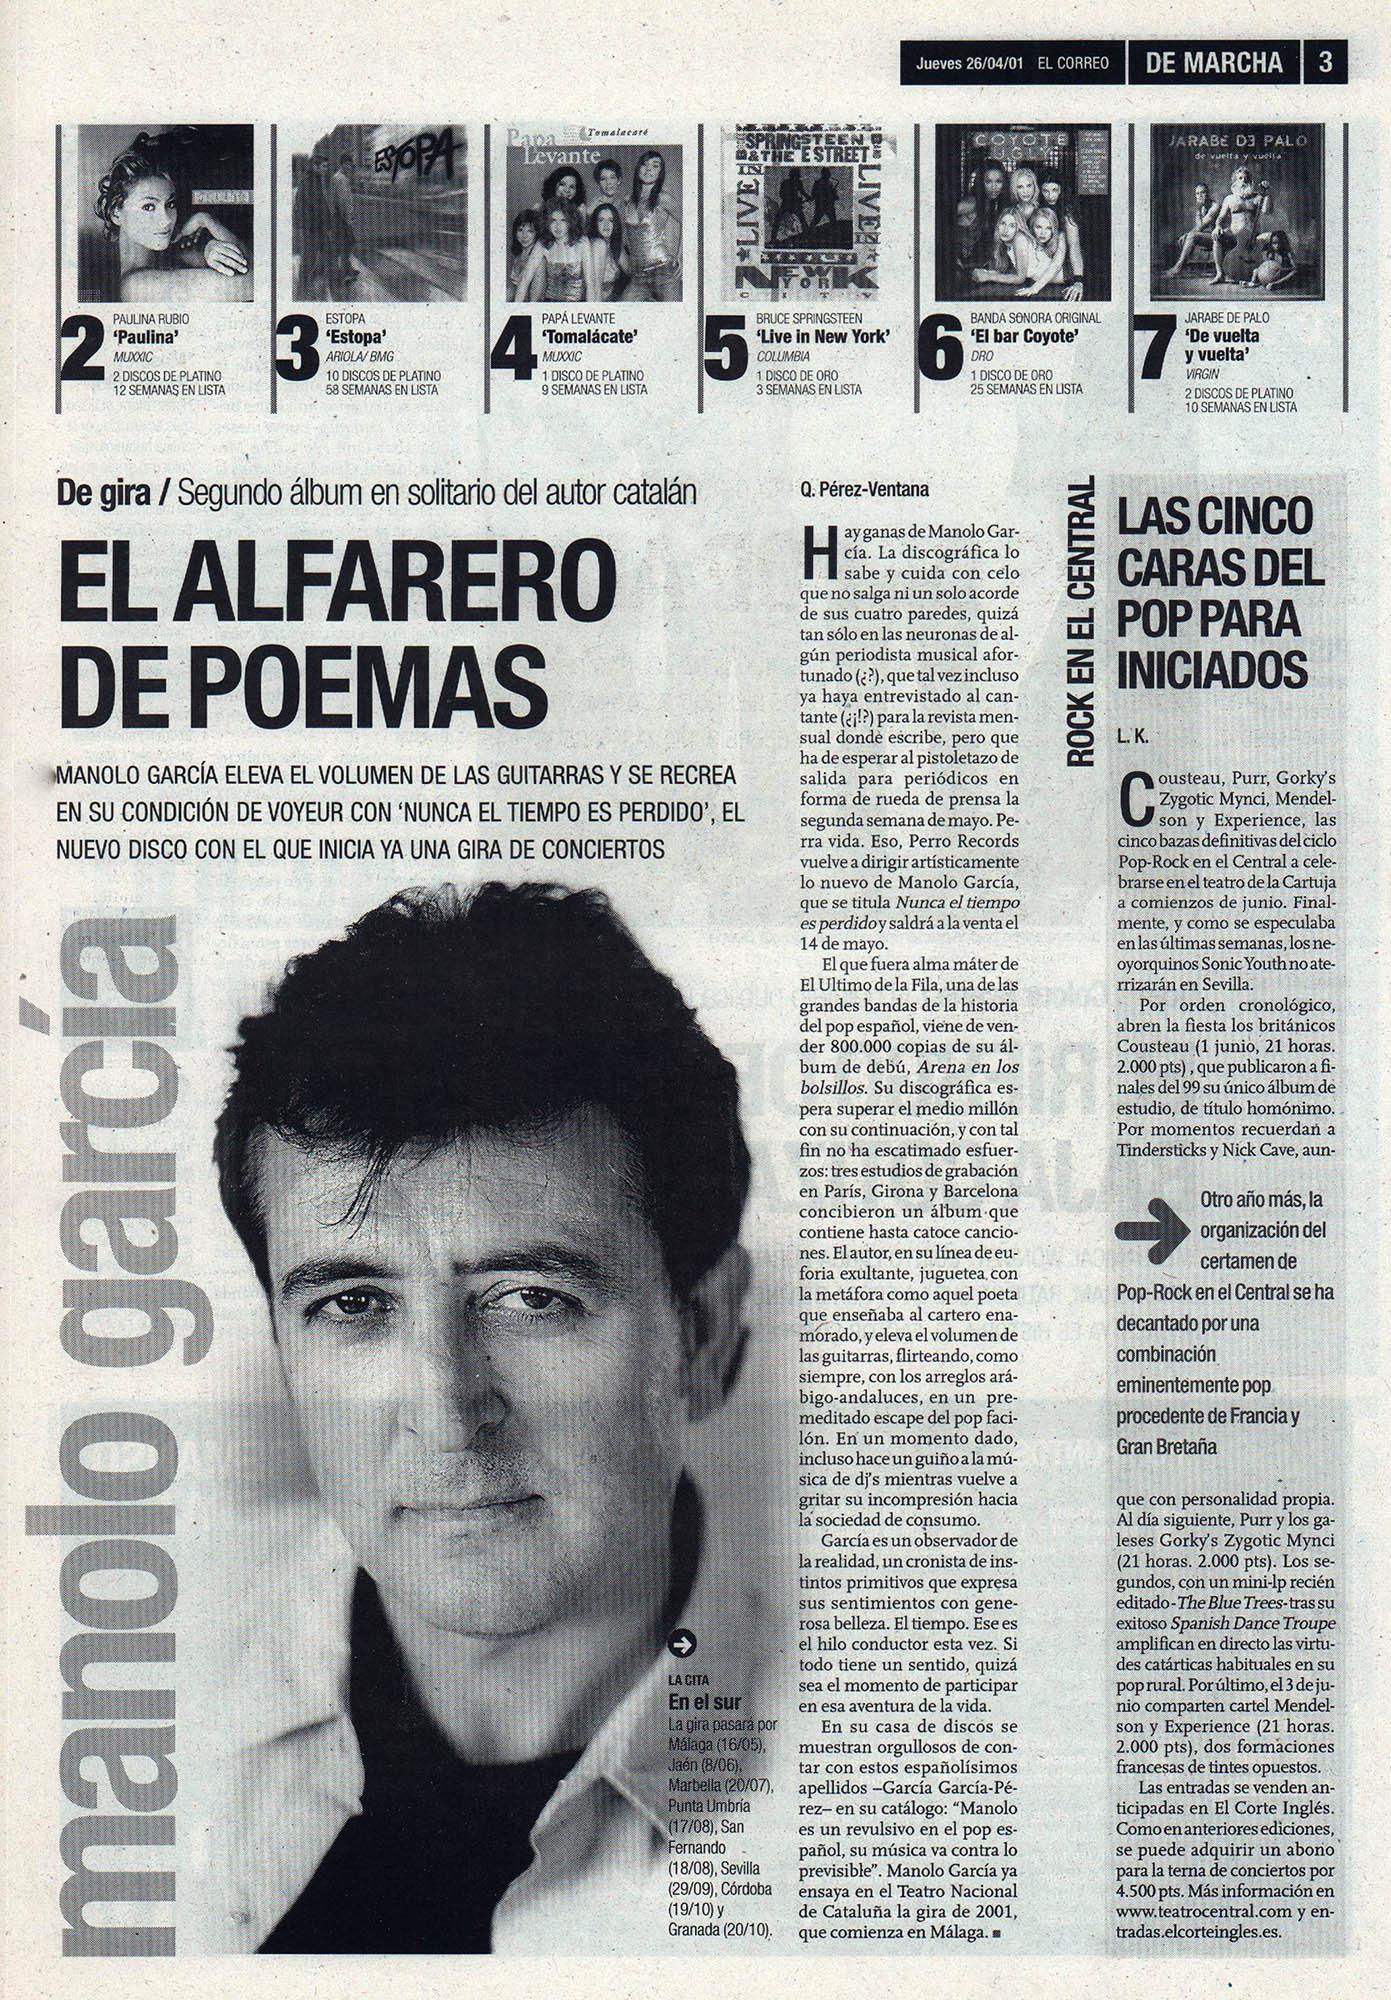 Manolo García, el alfarero de poemas | De Marcha - El Correo | 26 abr 2001